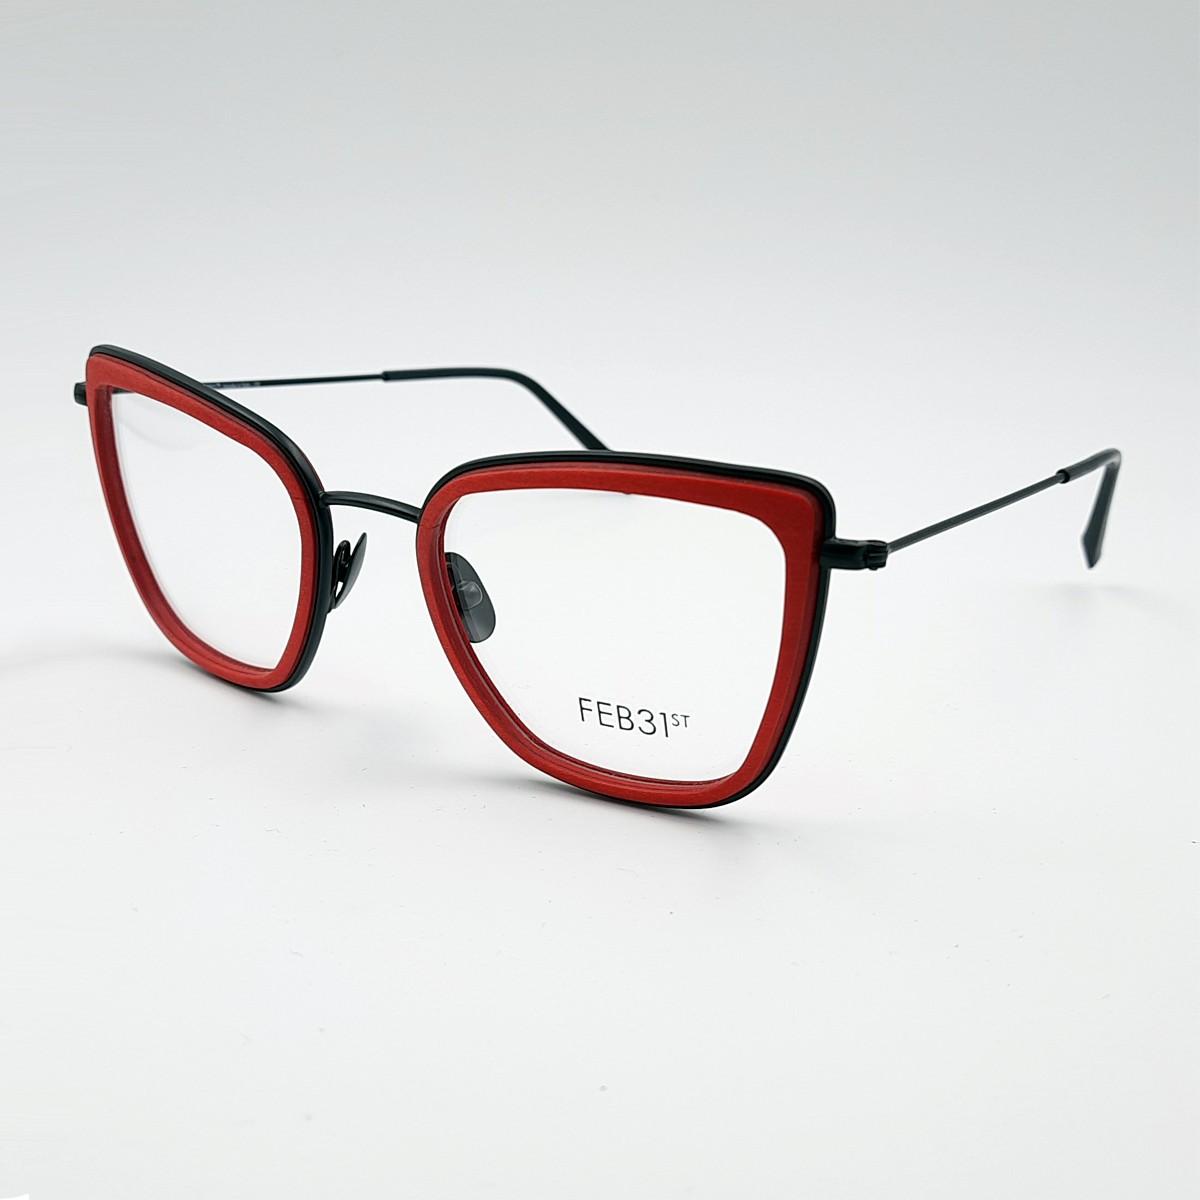 Feb31st Lauren | Women's eyeglasses